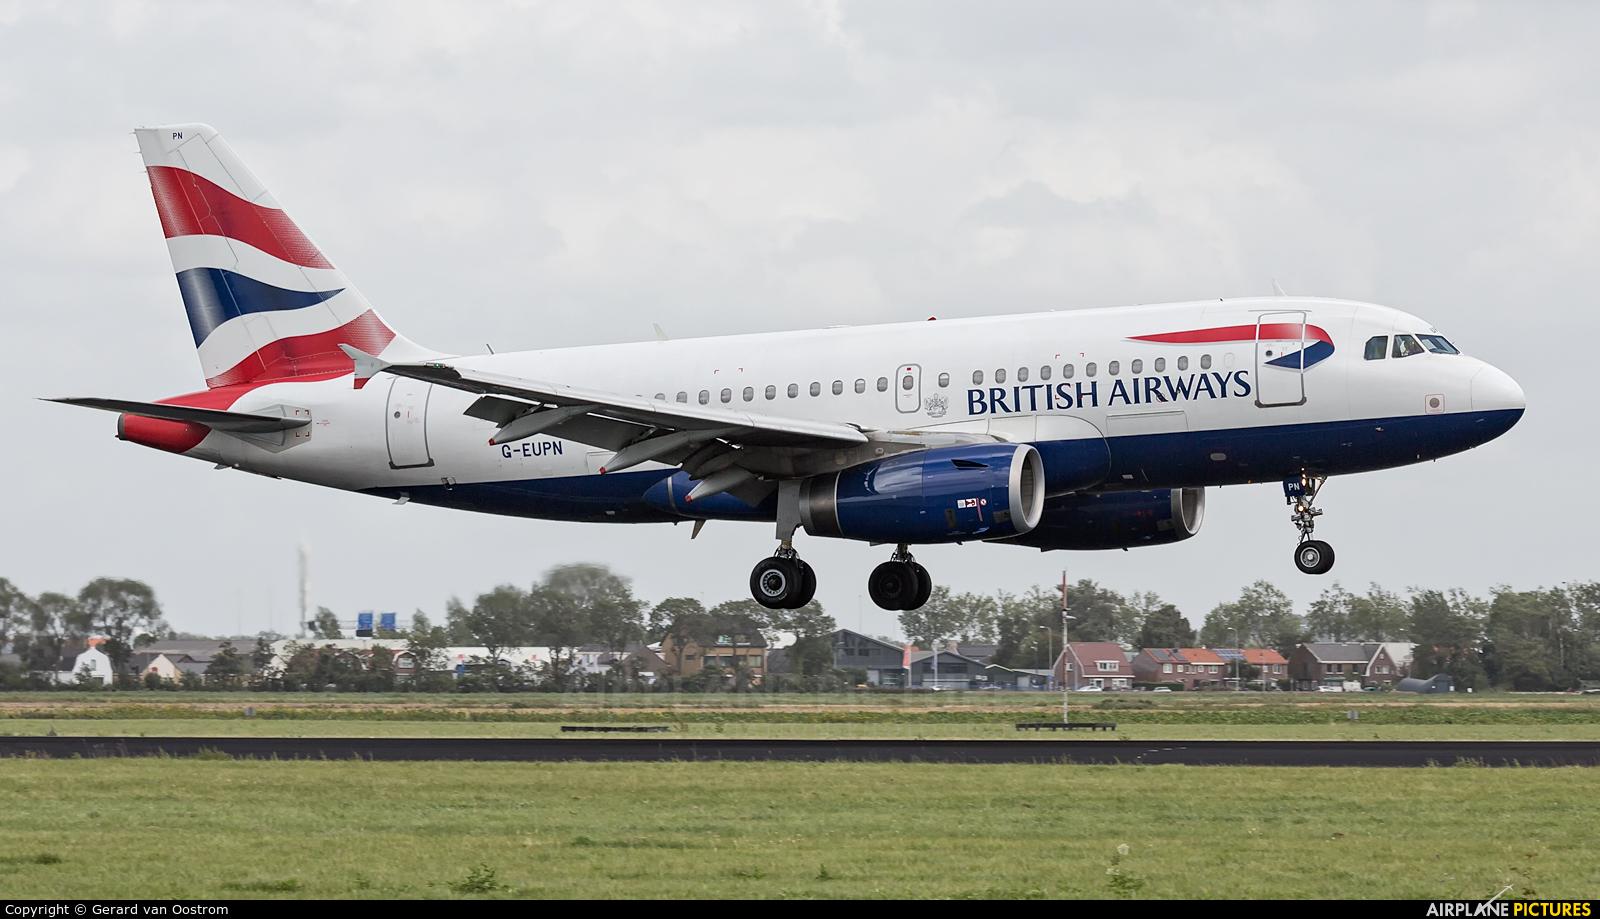 British Airways G-EUPN aircraft at Amsterdam - Schiphol